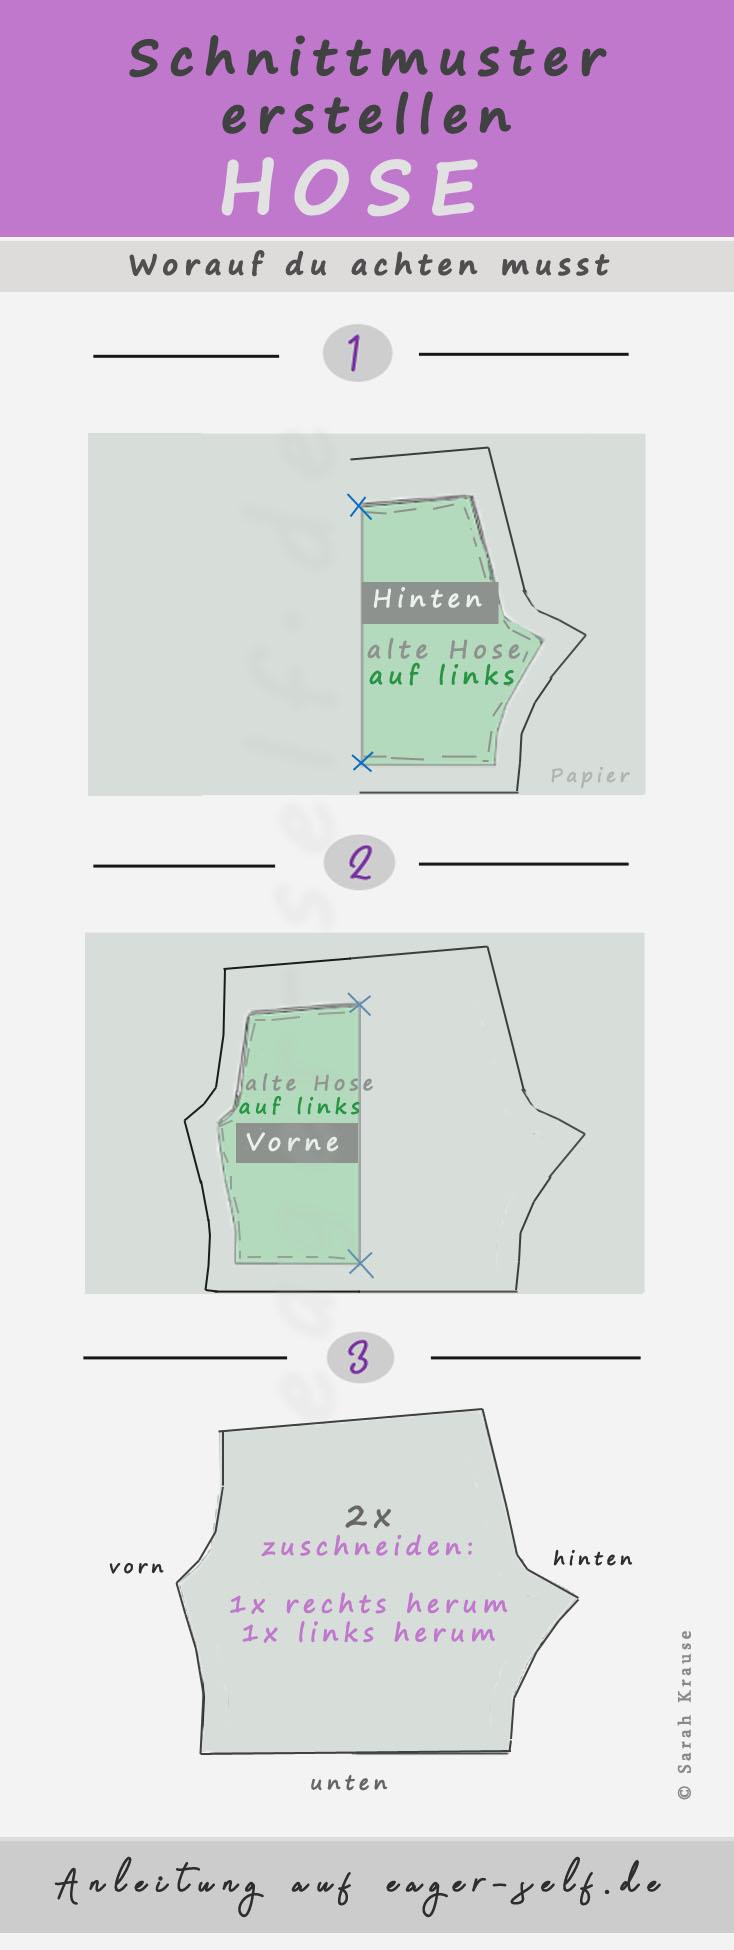 Hose nähen: Teil 1 - Schnittmuster erstellen Hose • eager self